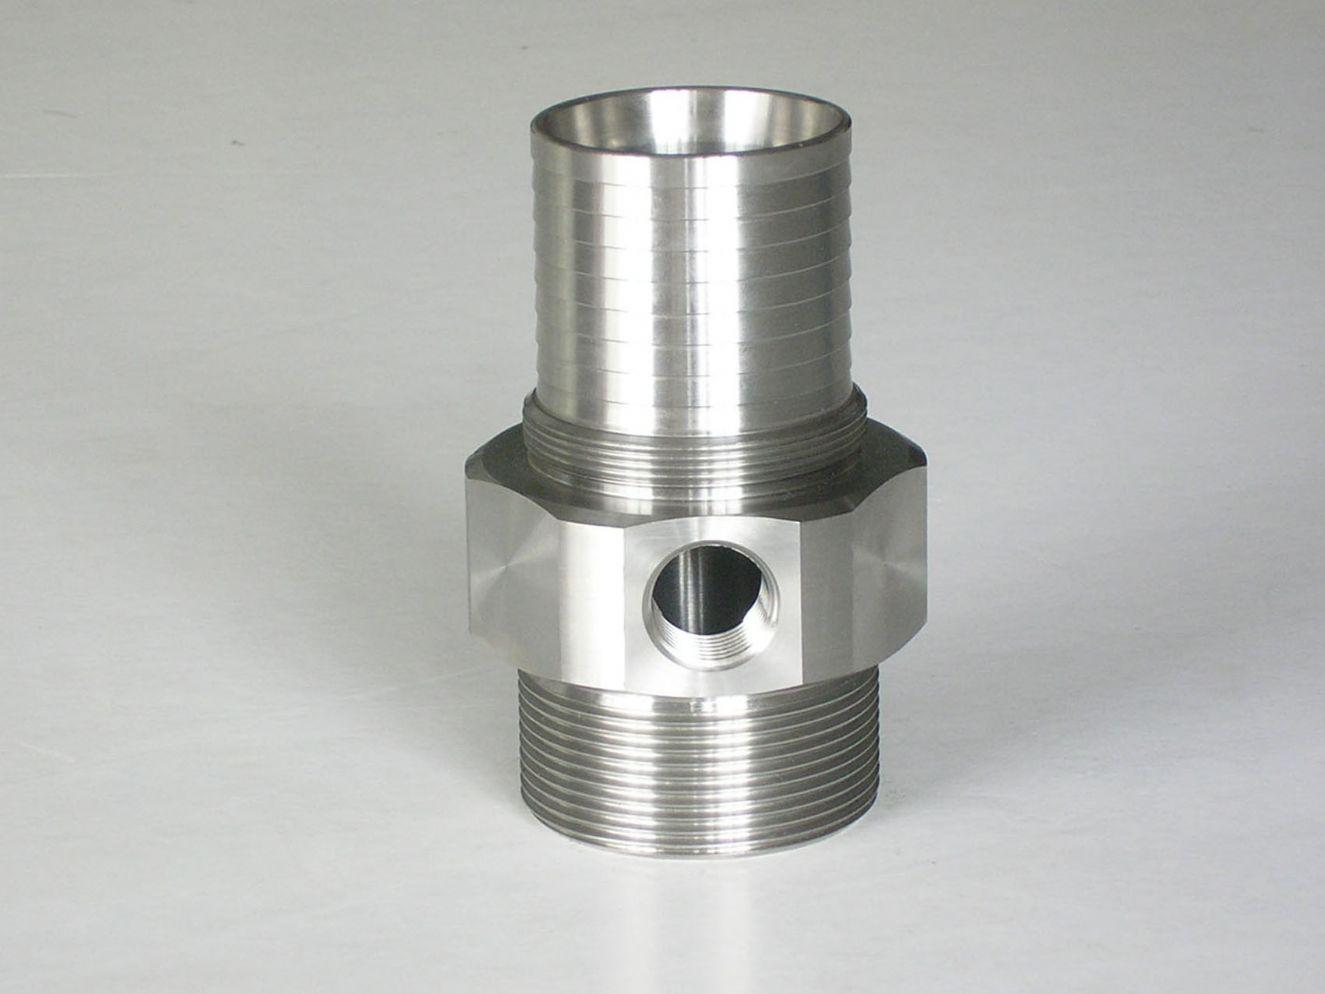 【精华】不锈钢管接头说明 液压管快速管接头原理